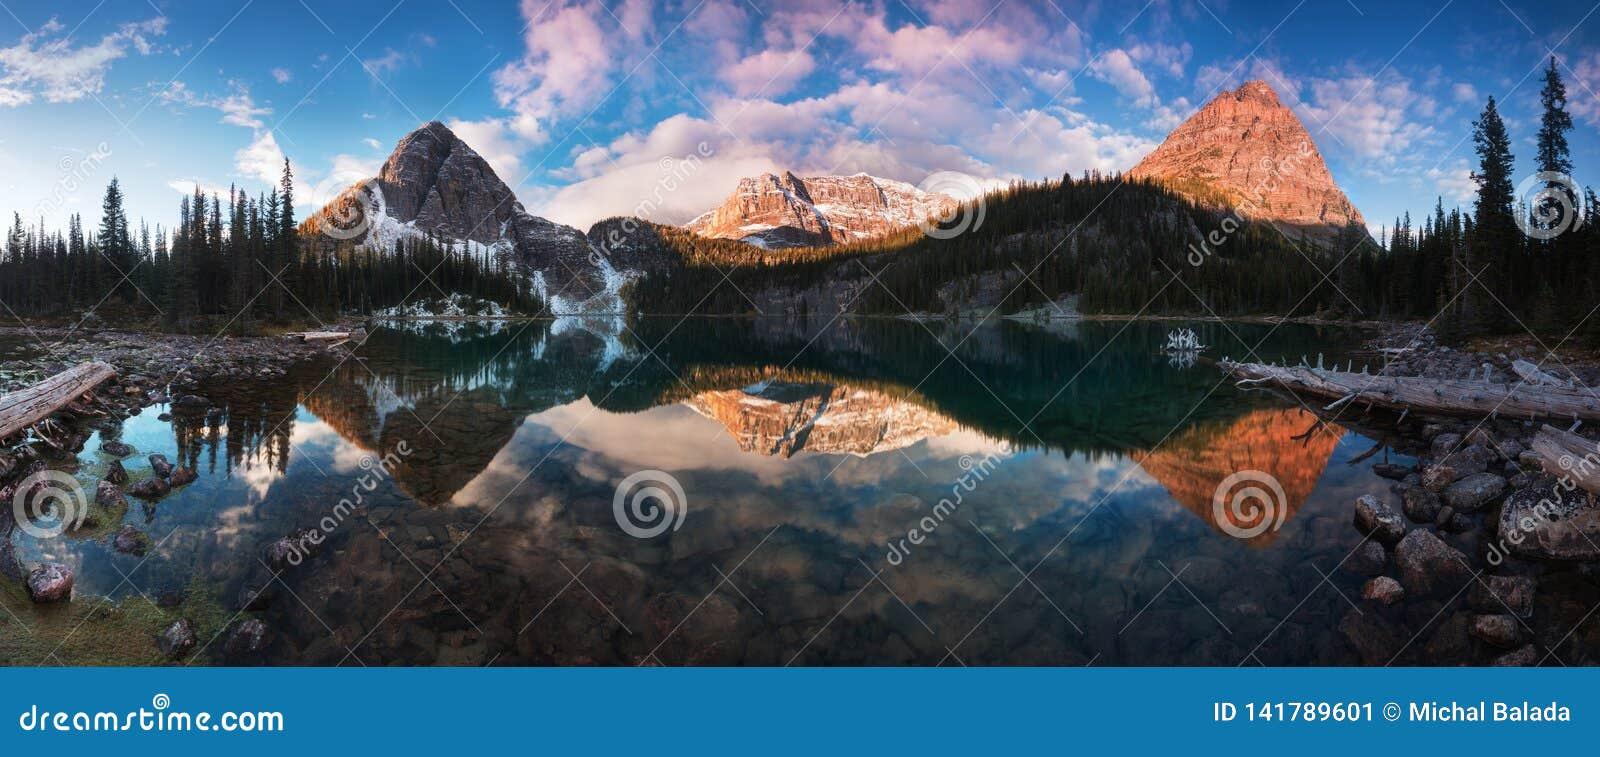 Outono e opinião bonitos da mola ao lago egypt no parque nacional de Banff nas montanhas rochosas na Alberta, Canadá